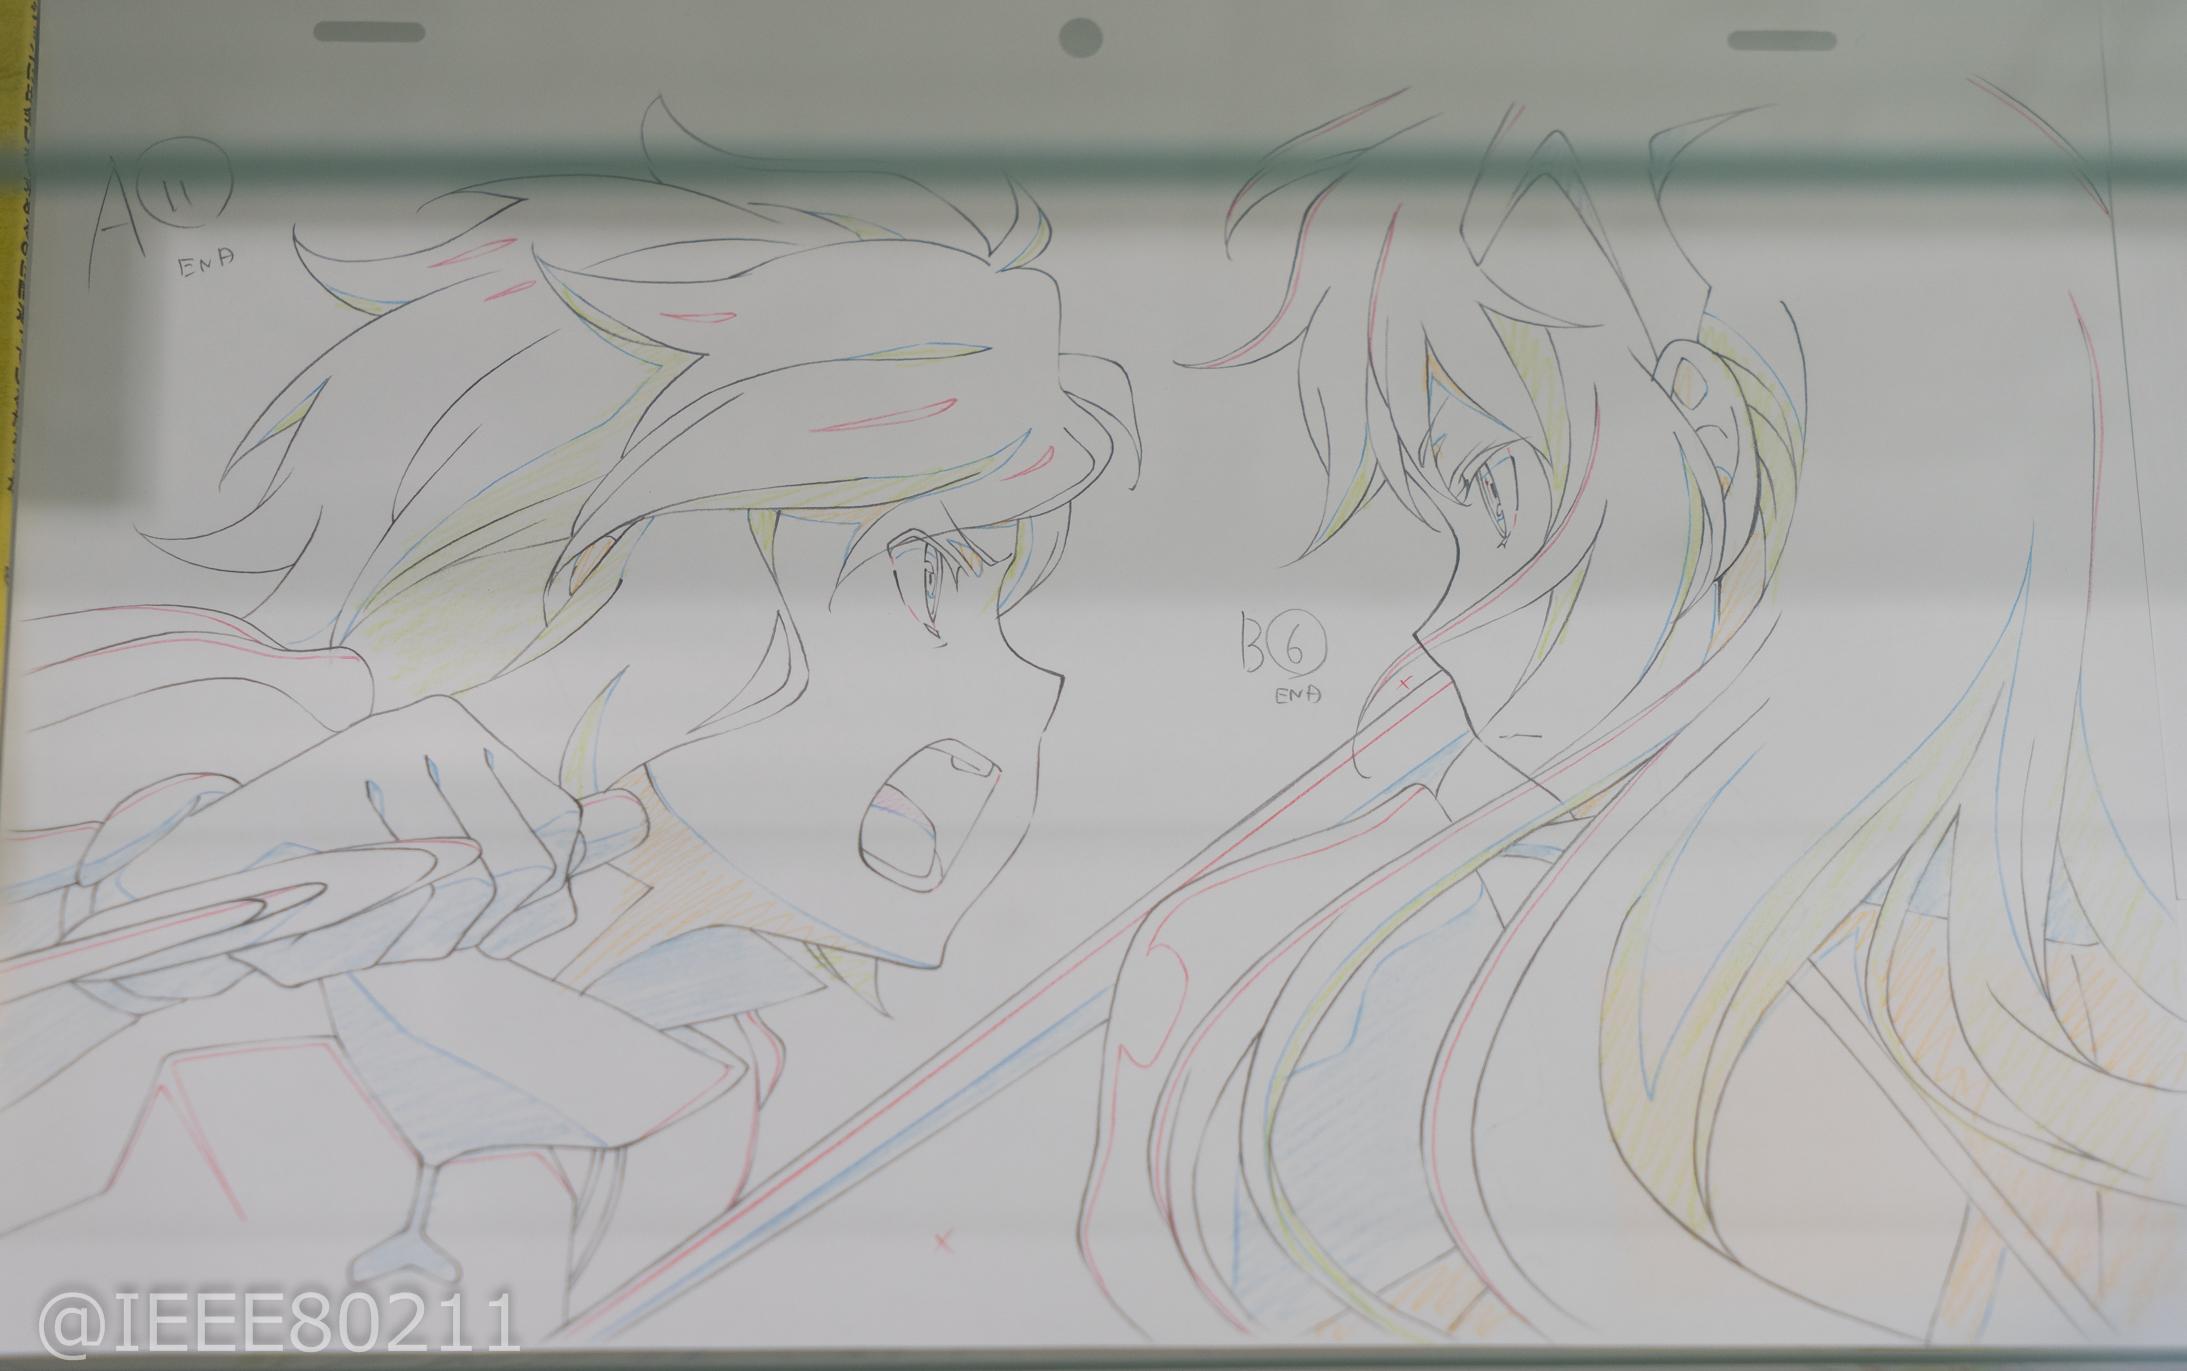 Dungeon ni Deai wo Motomeru no wa Machigatteiru Darou ka Danmachi Exhibition in Akiba Previewed 027